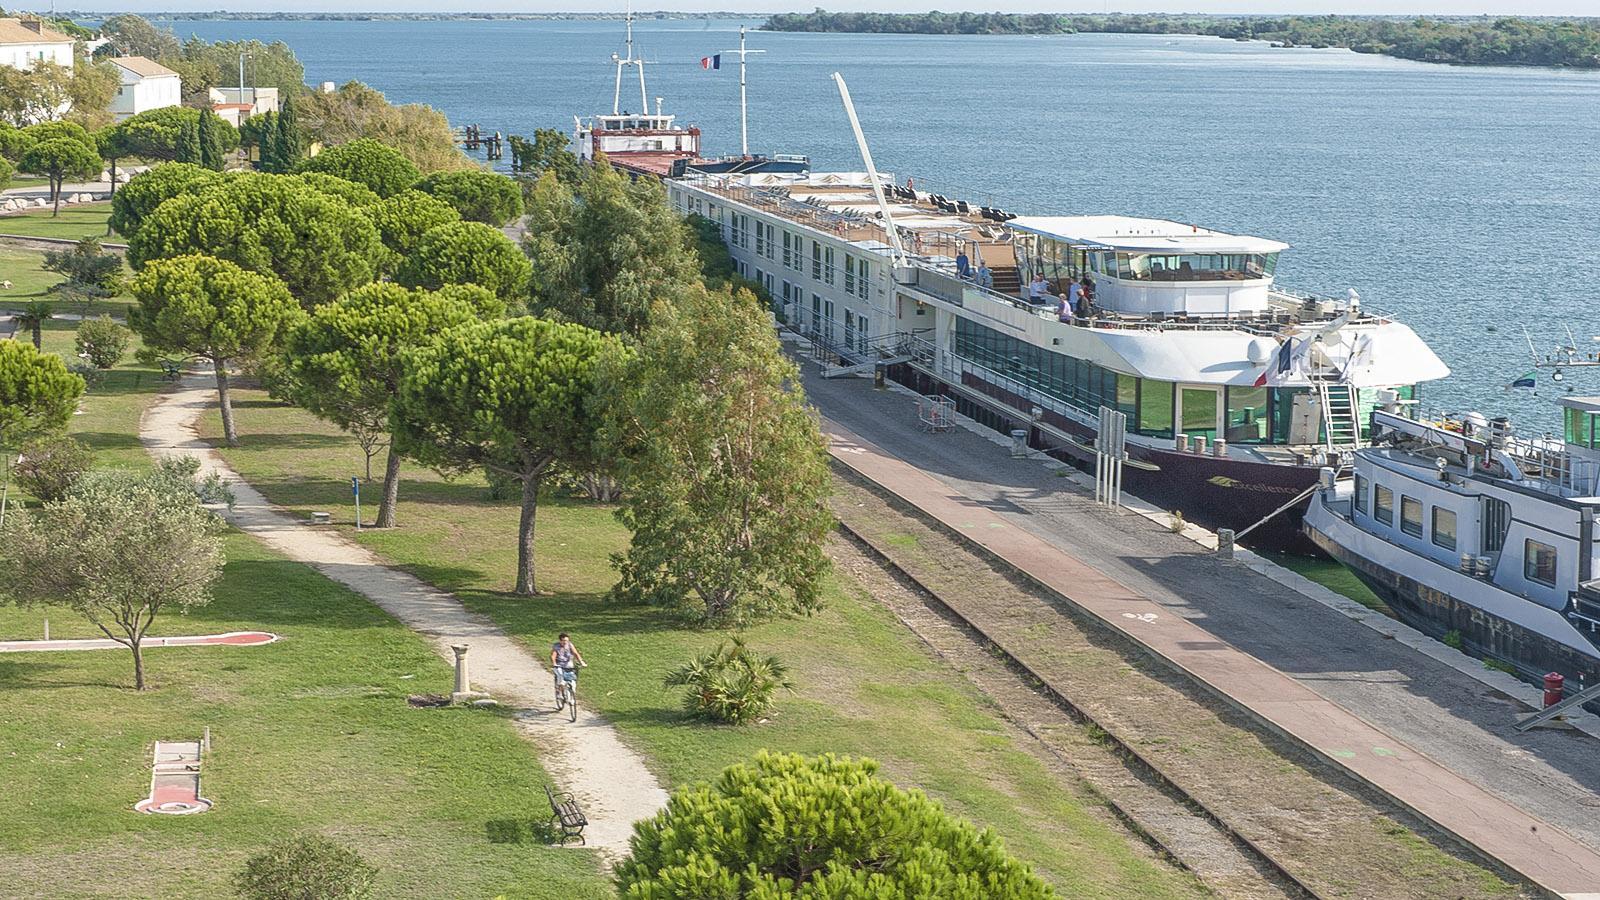 Port-Saint-Louis-du-Rhône: Am Kai machen die Rhône-Kreuzfahrtschiffe fest. Foto: Hilke Maunder